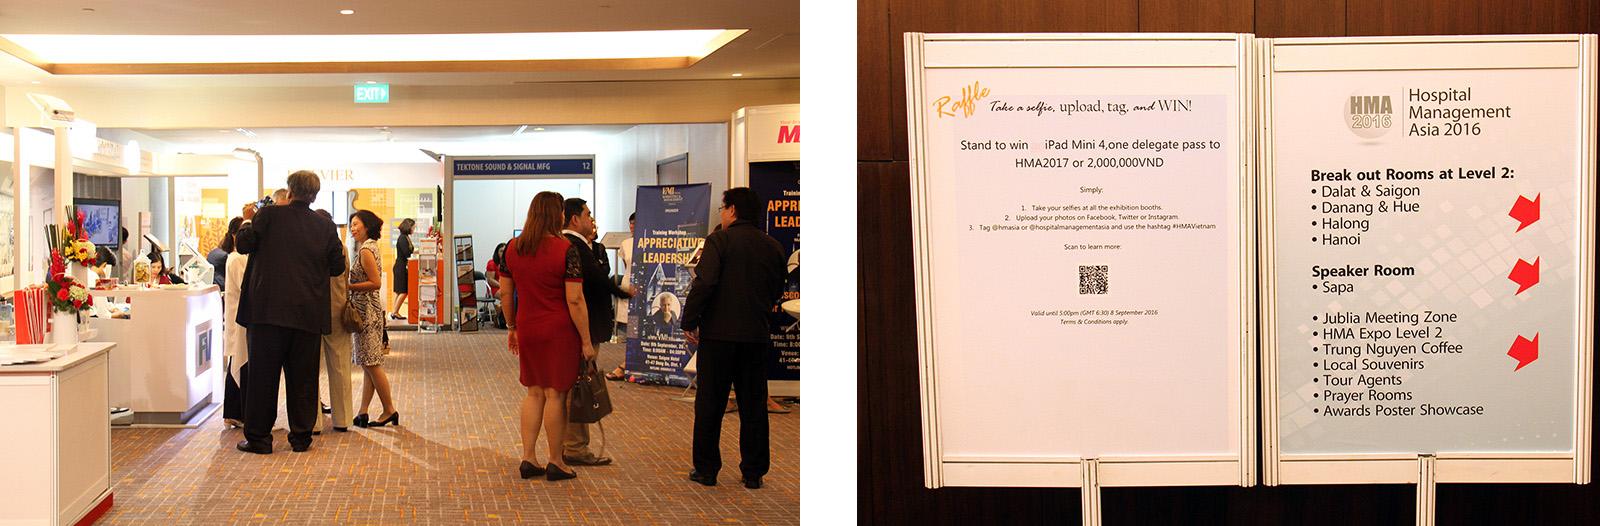 Bác sĩ Awan đến từ bệnh viện Medistra (Jakarta, Indonesia) ghé thăm gian hàng, mua sản phẩm và bày tỏ sự quan tâm đặc biệt đến chất lượng cũng như triết lý cà phê của Trung Nguyên. Ông là một tín đồ của cà phê, mỗi ngày ông đều sử dụng ít nhất 03 ly cà phê để giữ cho mình luôn tỉnh táo trong công việc; cà phê G7 cũng nằm trong danh sách thương hiệu mà ông yêu thích.